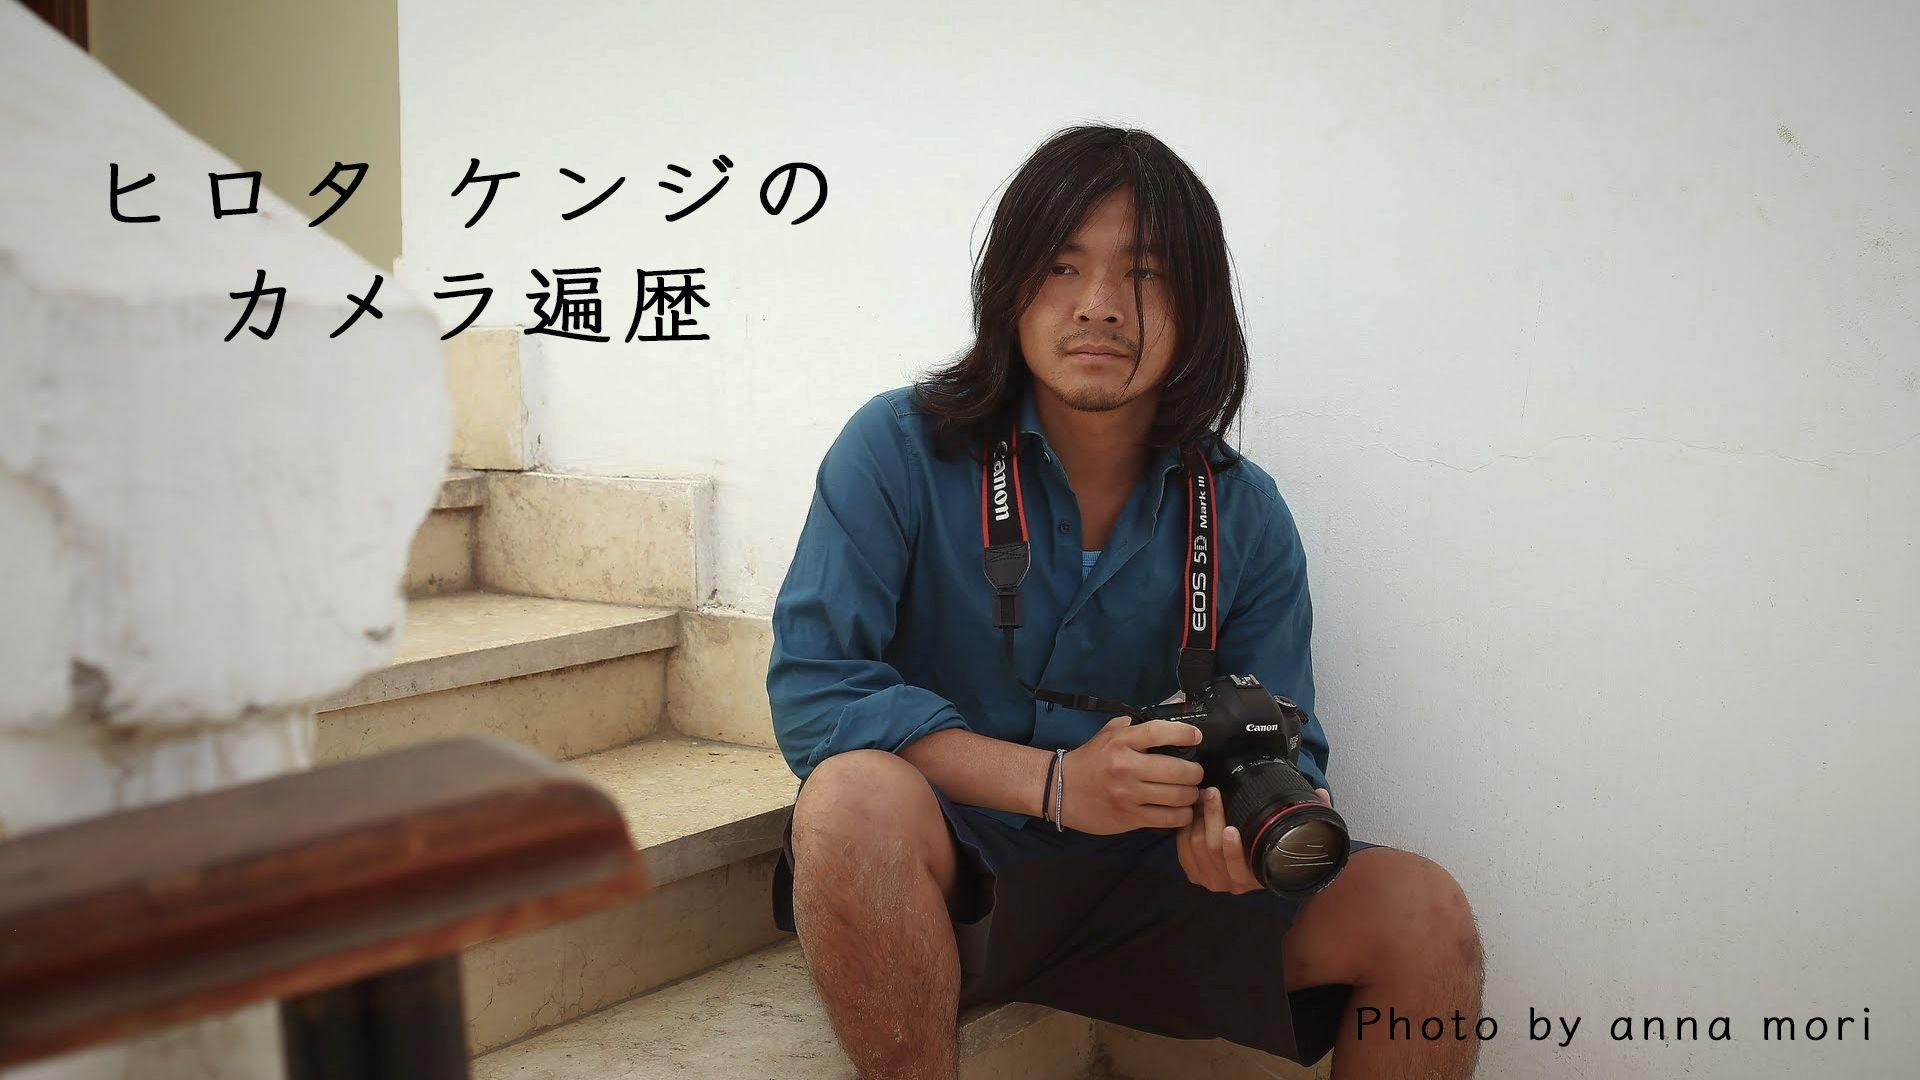 【愛機】ヒロタ ケンジがこれまで購入し愛したカメラたち